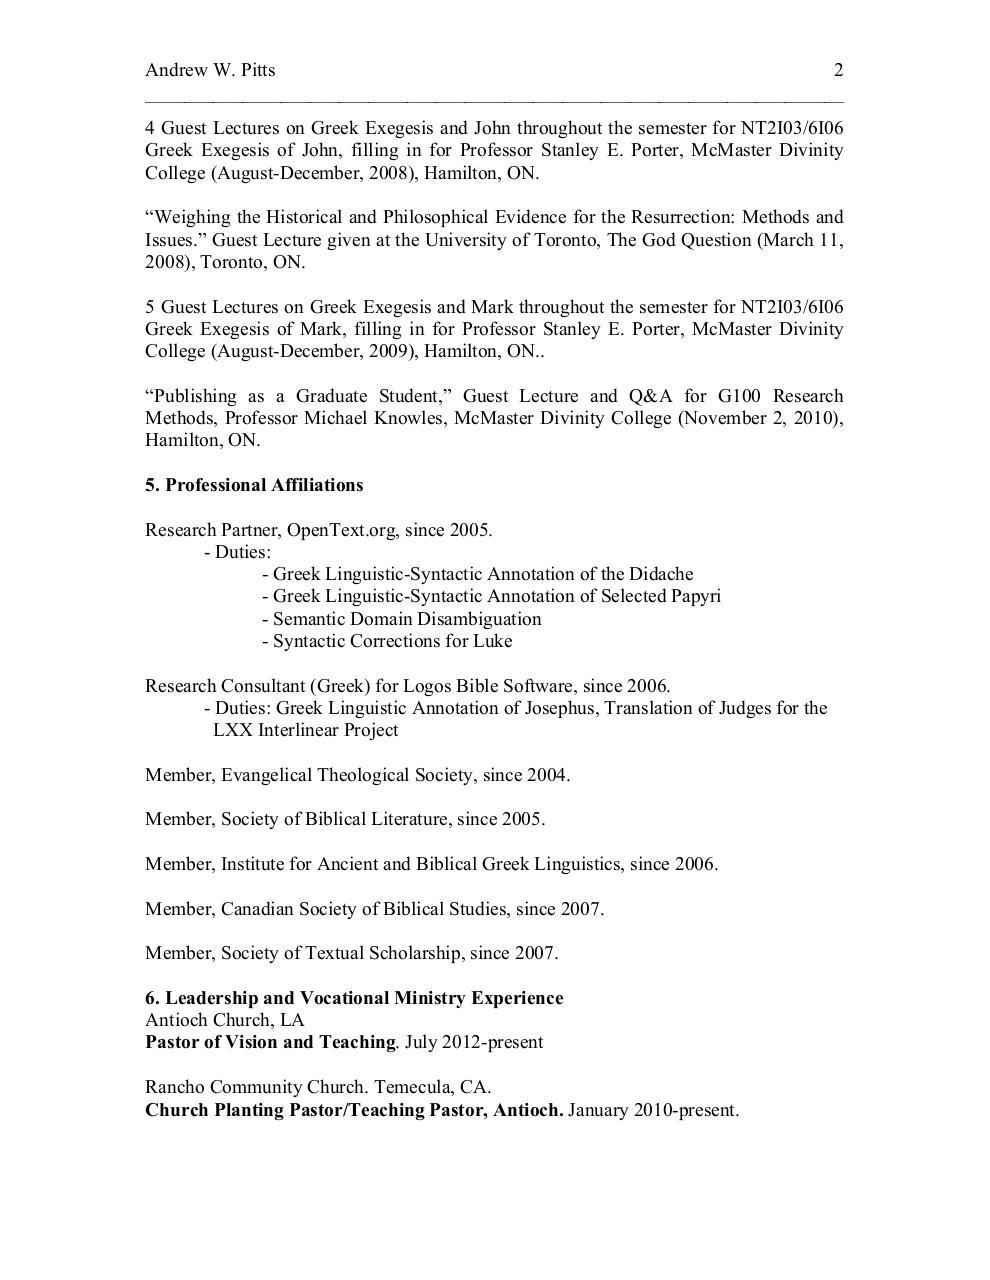 Curriculum Vitae 2012 Doc By Andrew Pitts Curriculum Vitae 2012